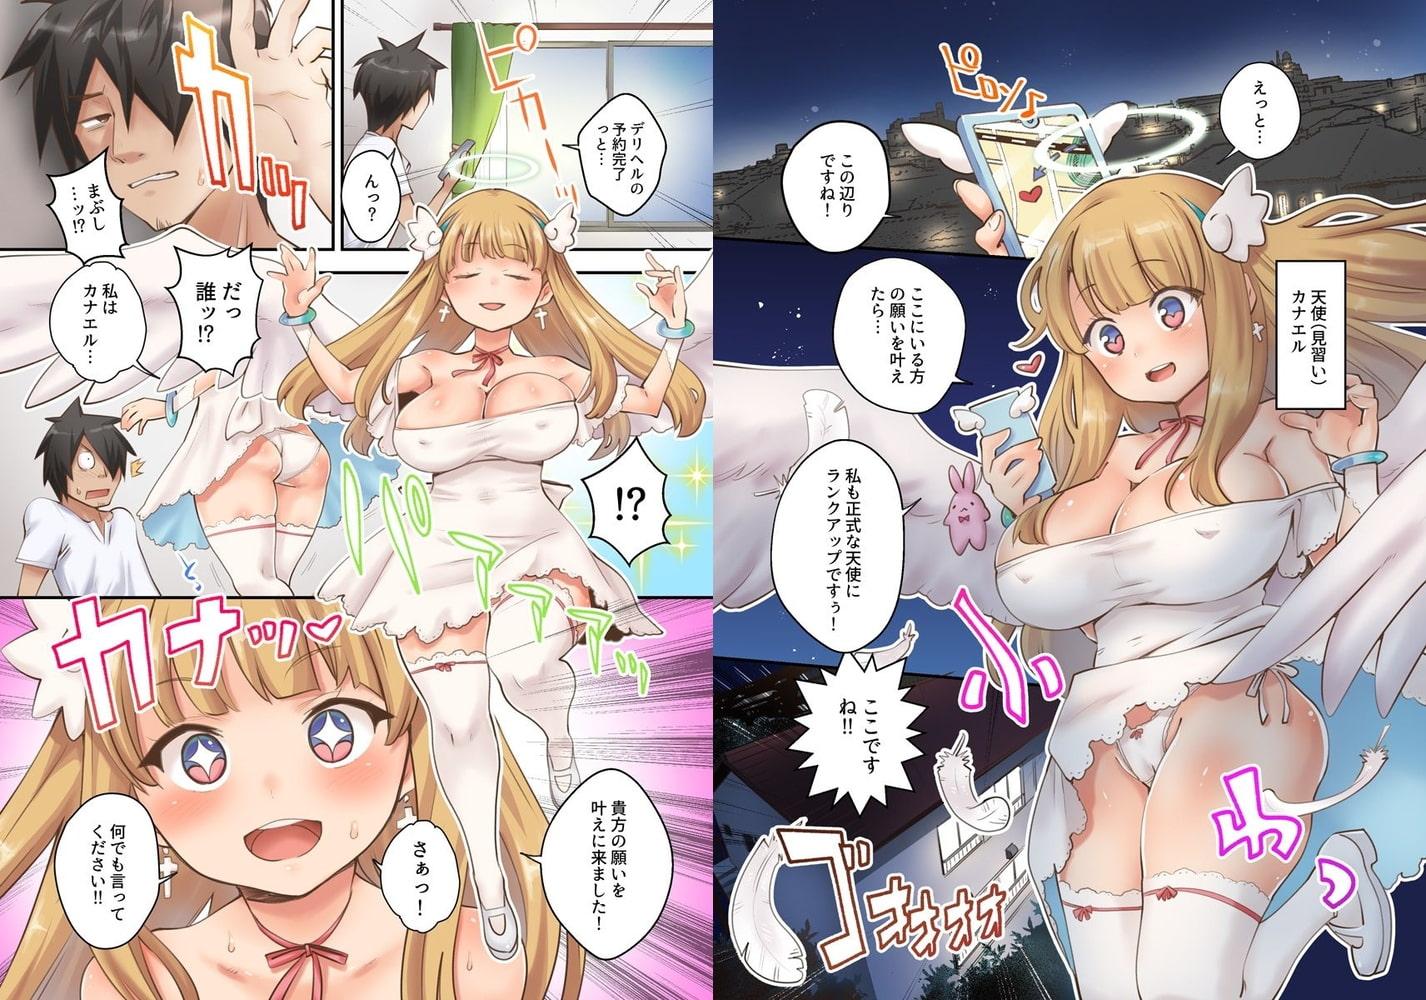 デリバリーおっぱい天使ちゃん~無垢な身体のハジメテを奪い尽くす!~